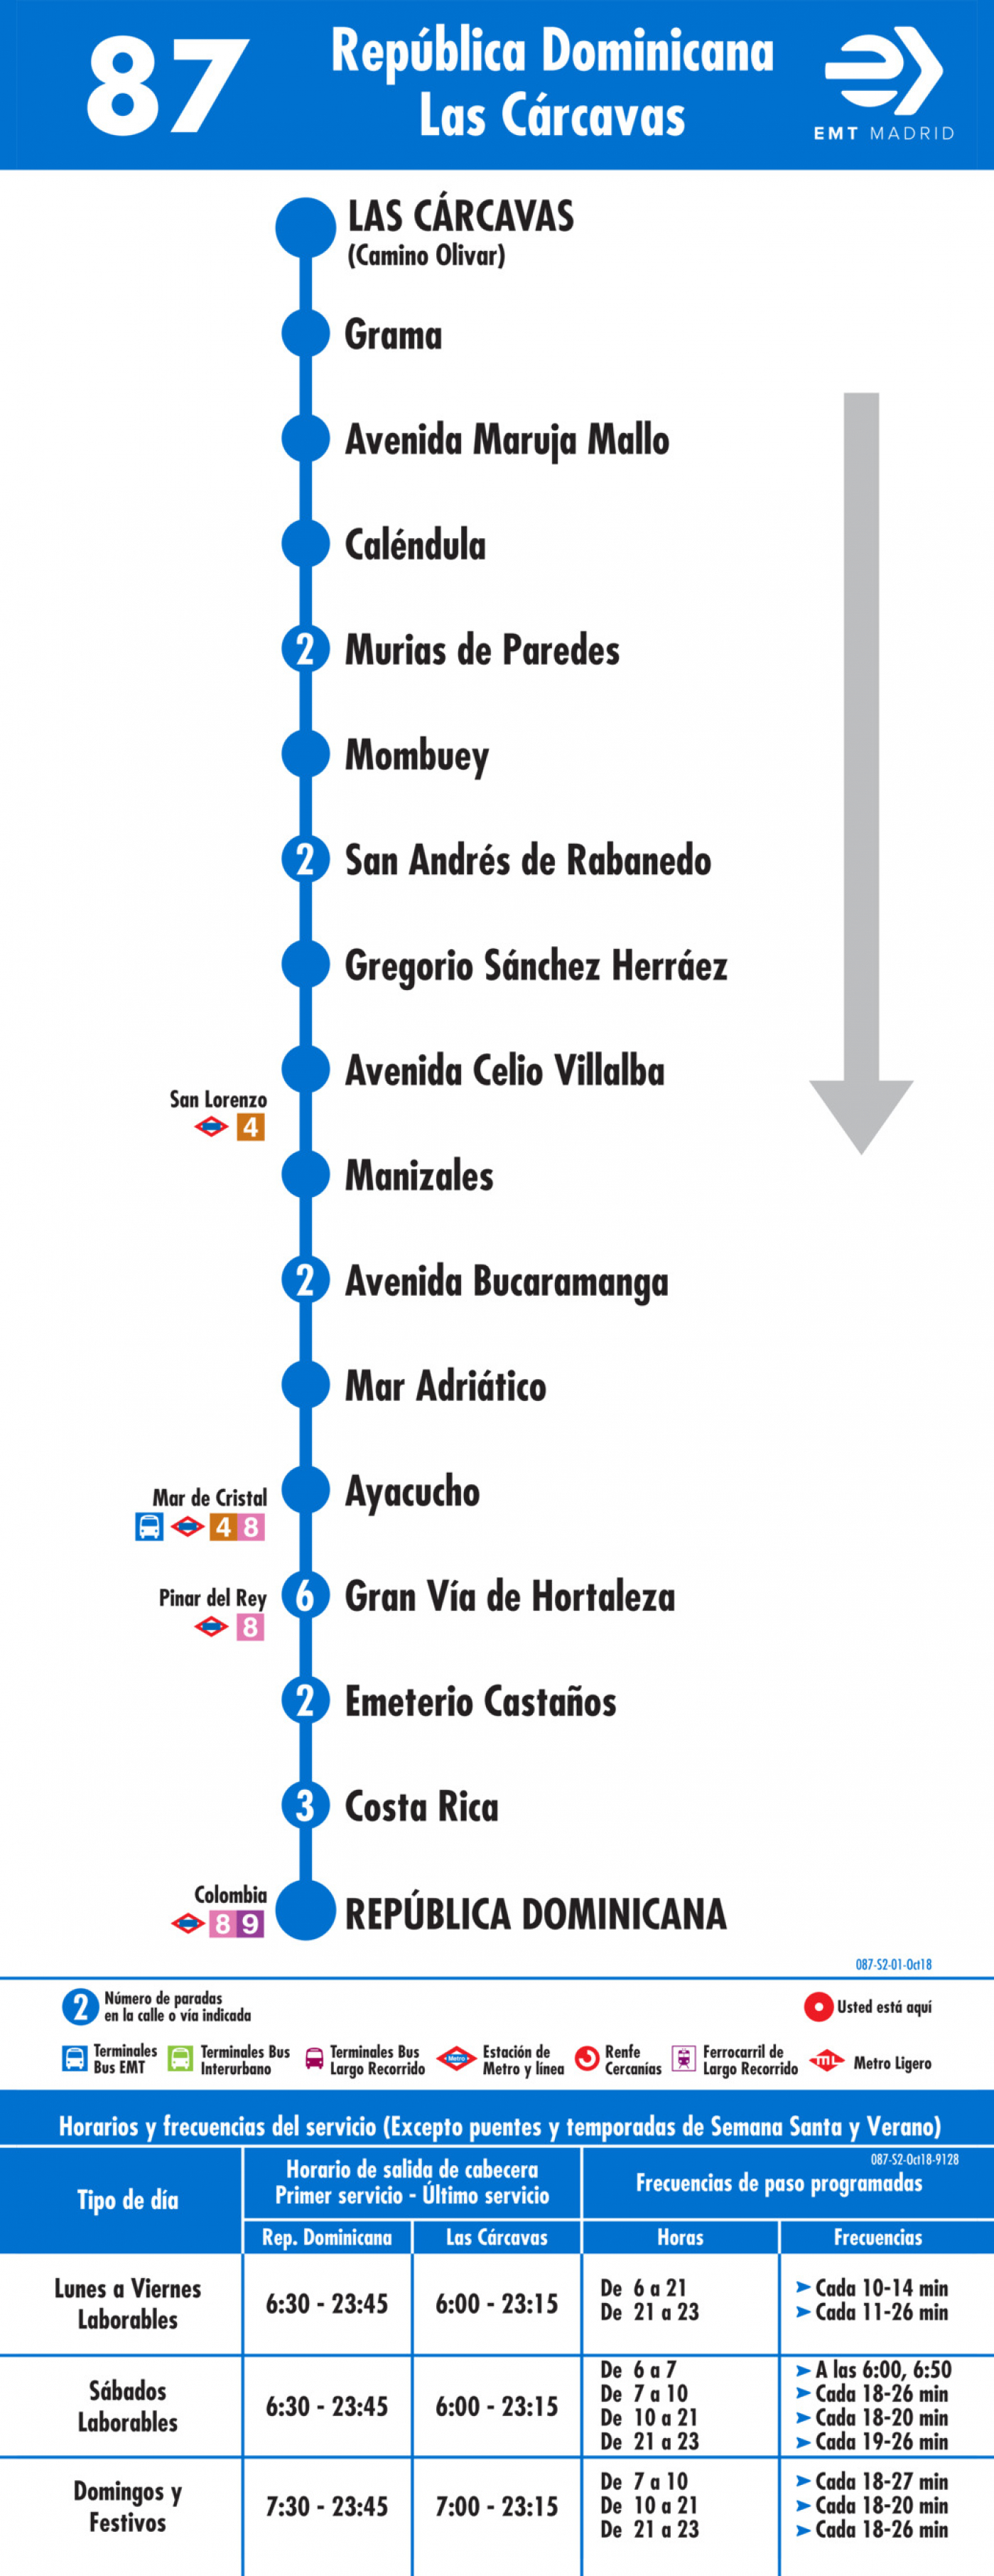 Tabla de horarios y frecuencias de paso en sentido vuelta Línea 87: Plaza de República Dominicana - Las Cárcavas